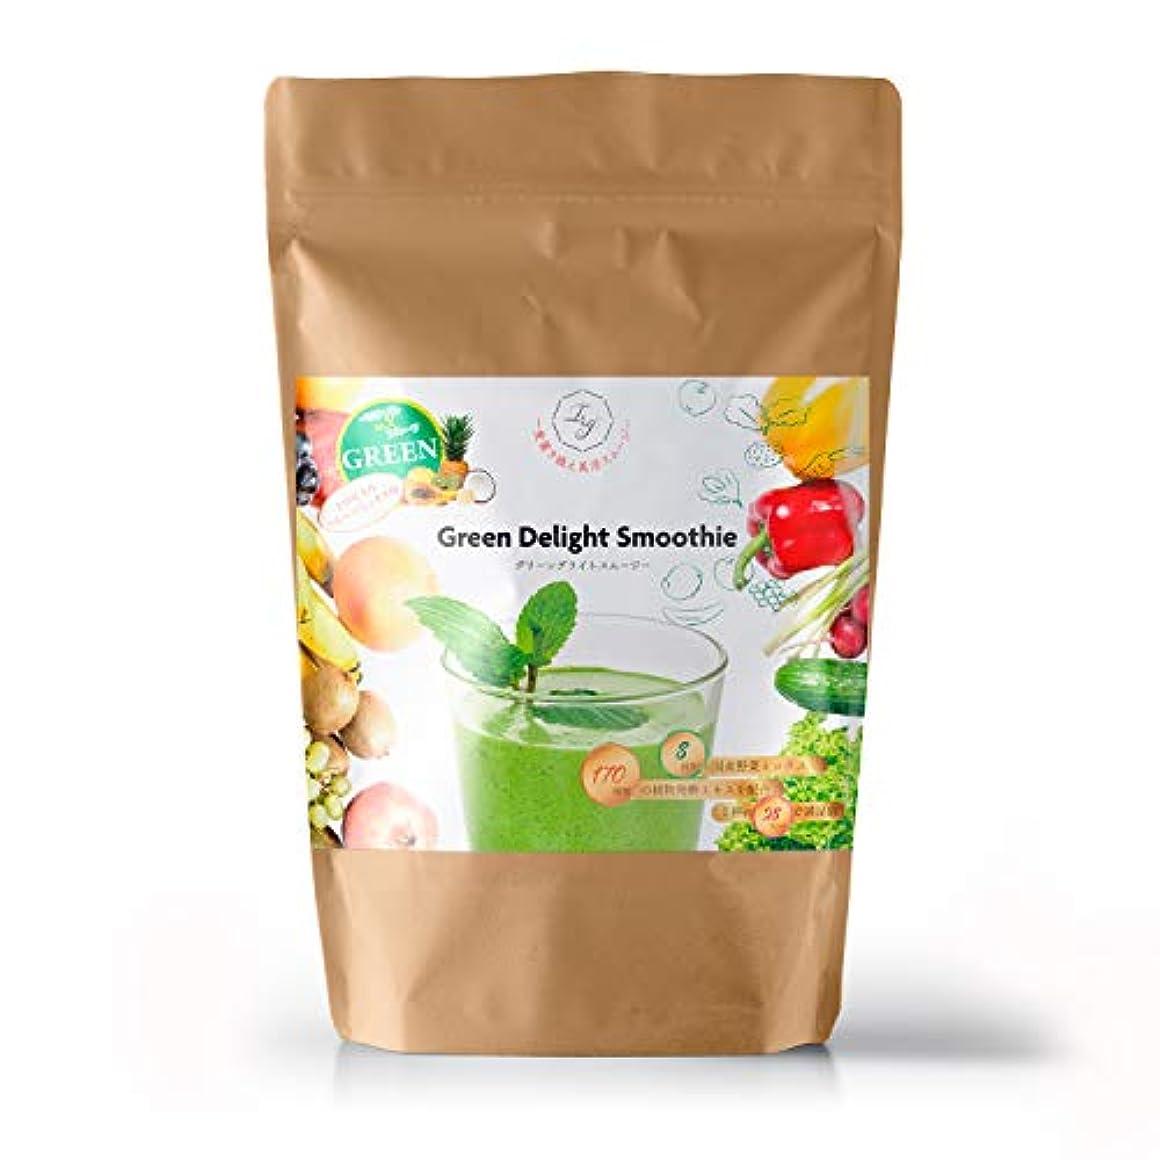 看板会計士兵器庫Green Delight Smoothie(グリーンディライトスムージー)置き換え スムージーダイエット 植物酵素 乳酸菌 チアシード トロピカルフルーツ【安心の国内産】